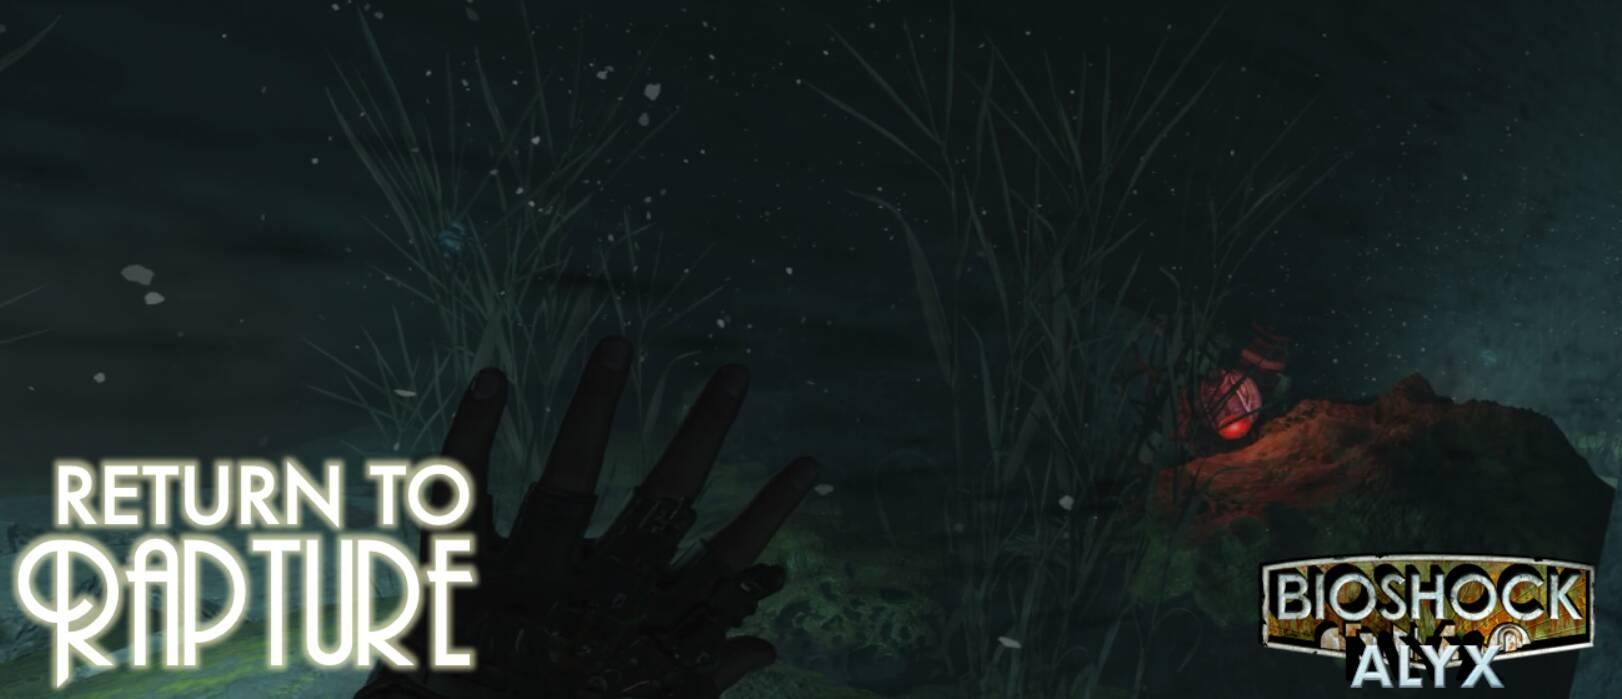 BioShock Alyx